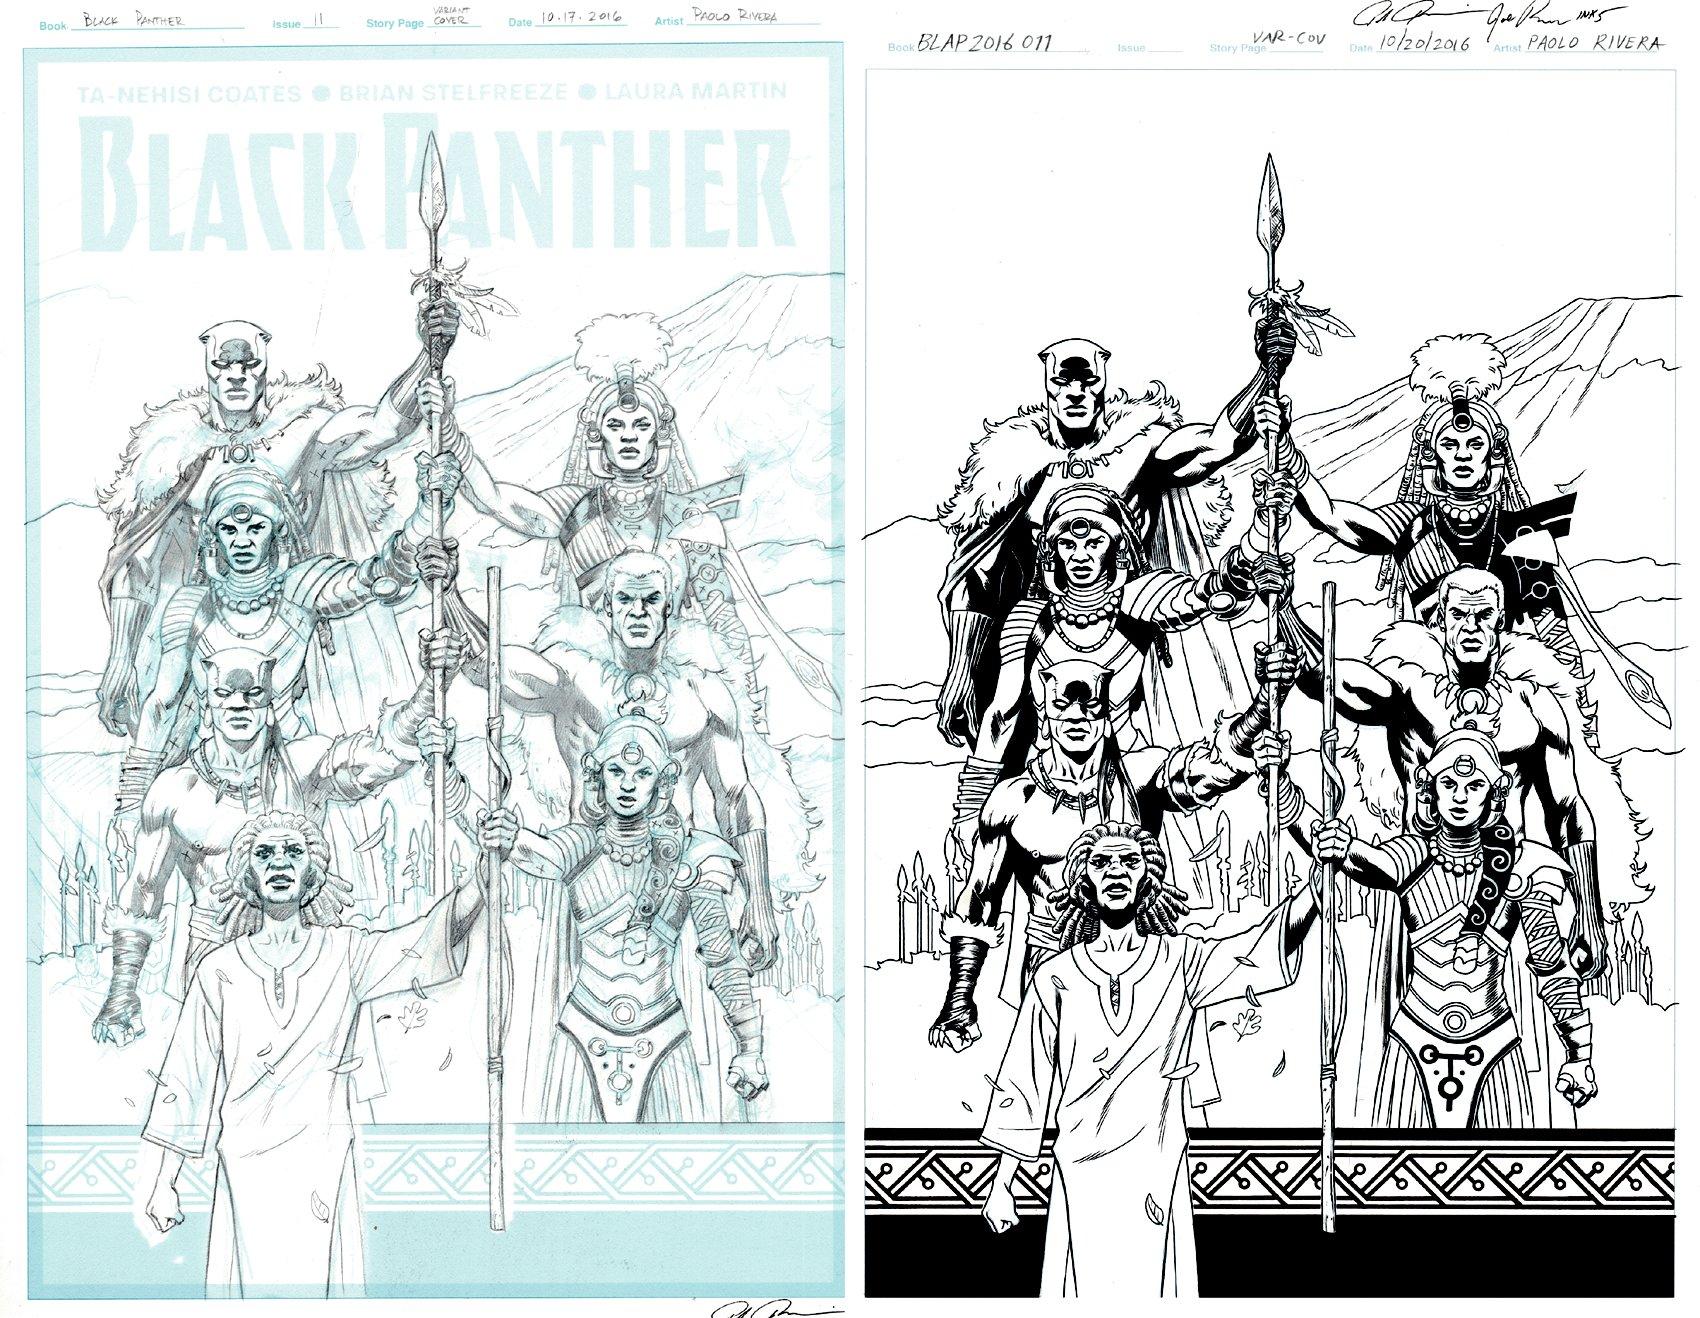 Black Panther #11 Cover (Shuri, Black Panther, Manifold!) 2016